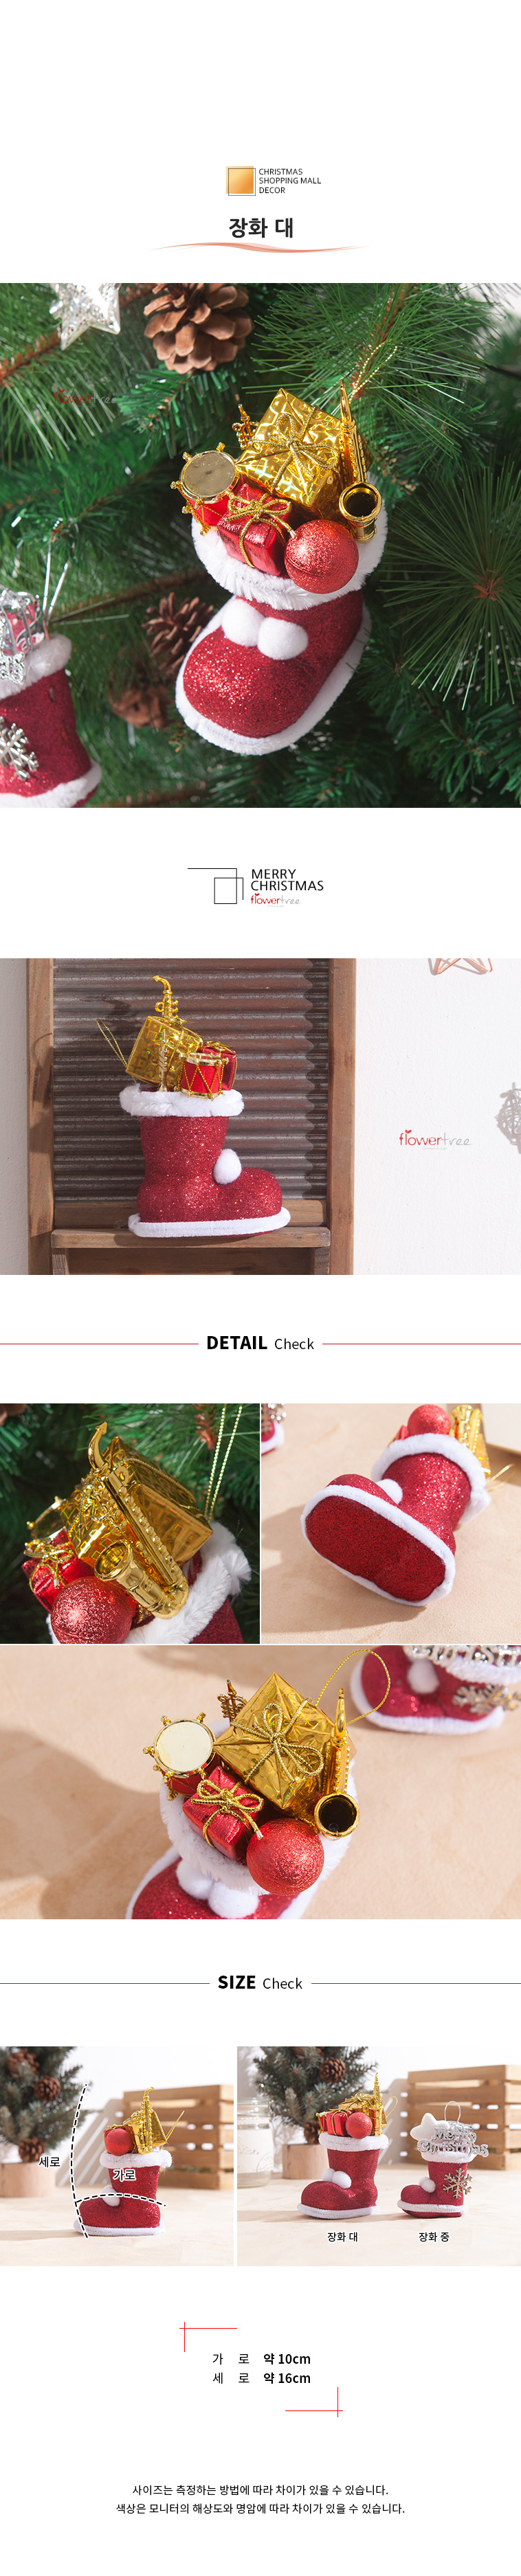 장화 대 16cm 크리스마스 장식 소품 TROMCG - 플라워트리, 2,200원, 장식품, 크리스마스소품